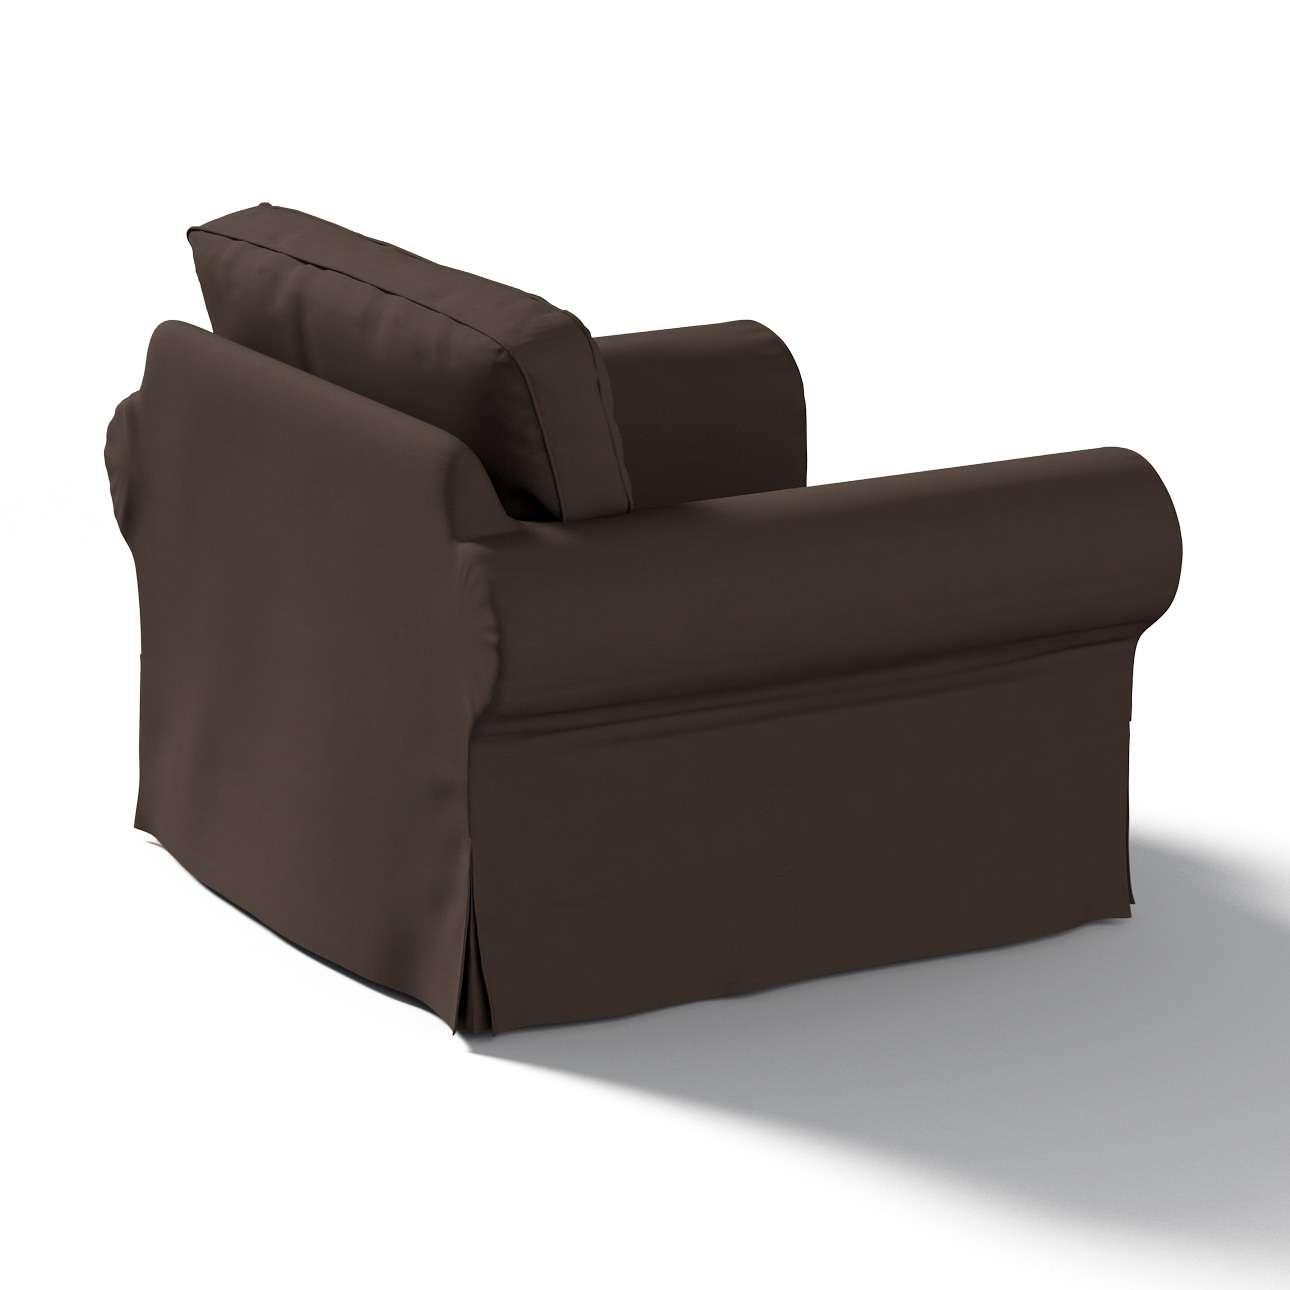 Pokrowiec na fotel Ektorp Fotel Ektorp w kolekcji Cotton Panama, tkanina: 702-03